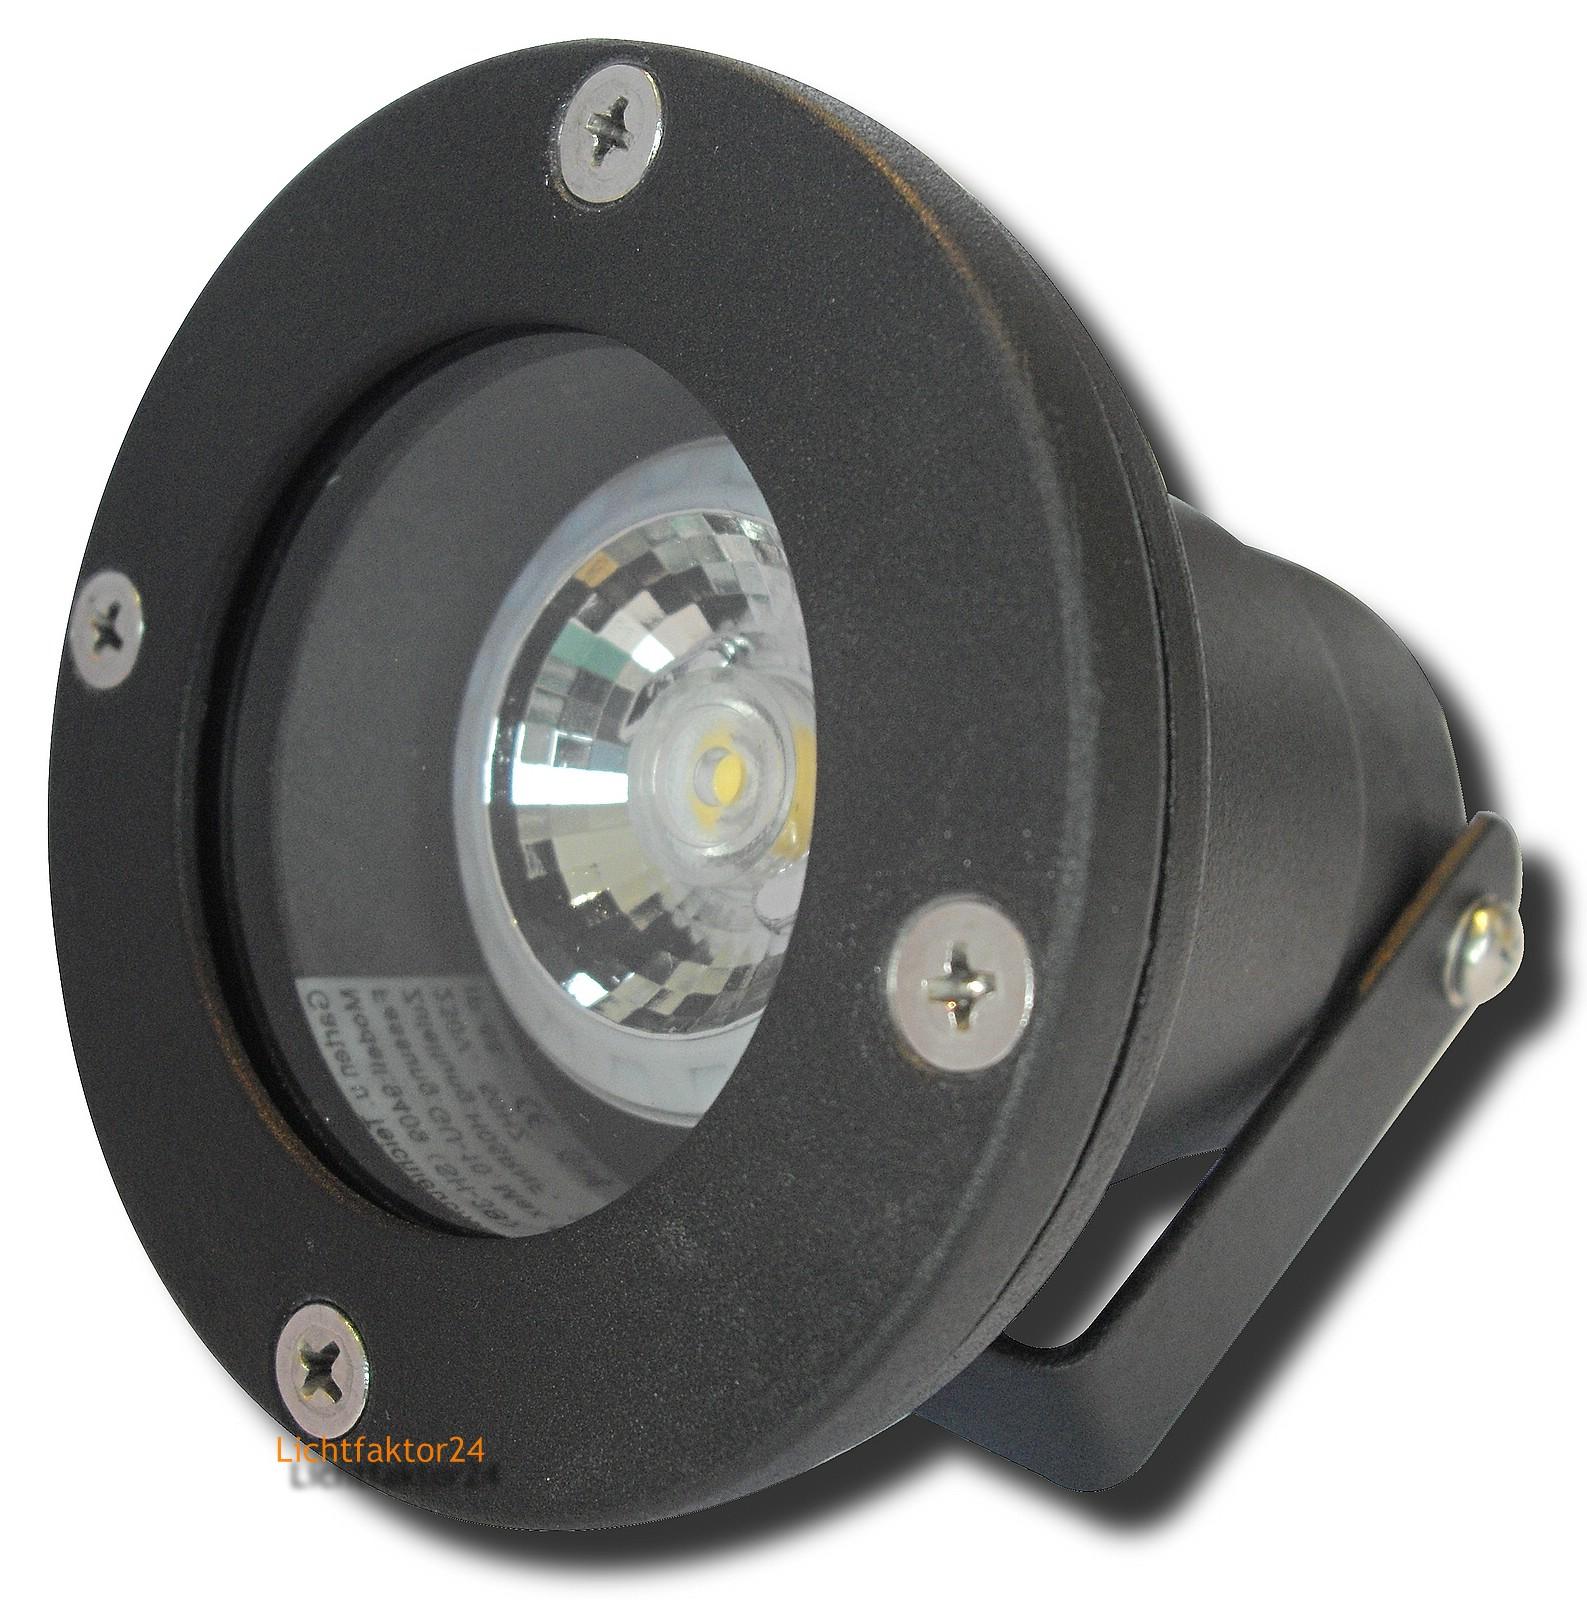 7w cob power led spotlampe dimmbar 230volt strahler zur. Black Bedroom Furniture Sets. Home Design Ideas